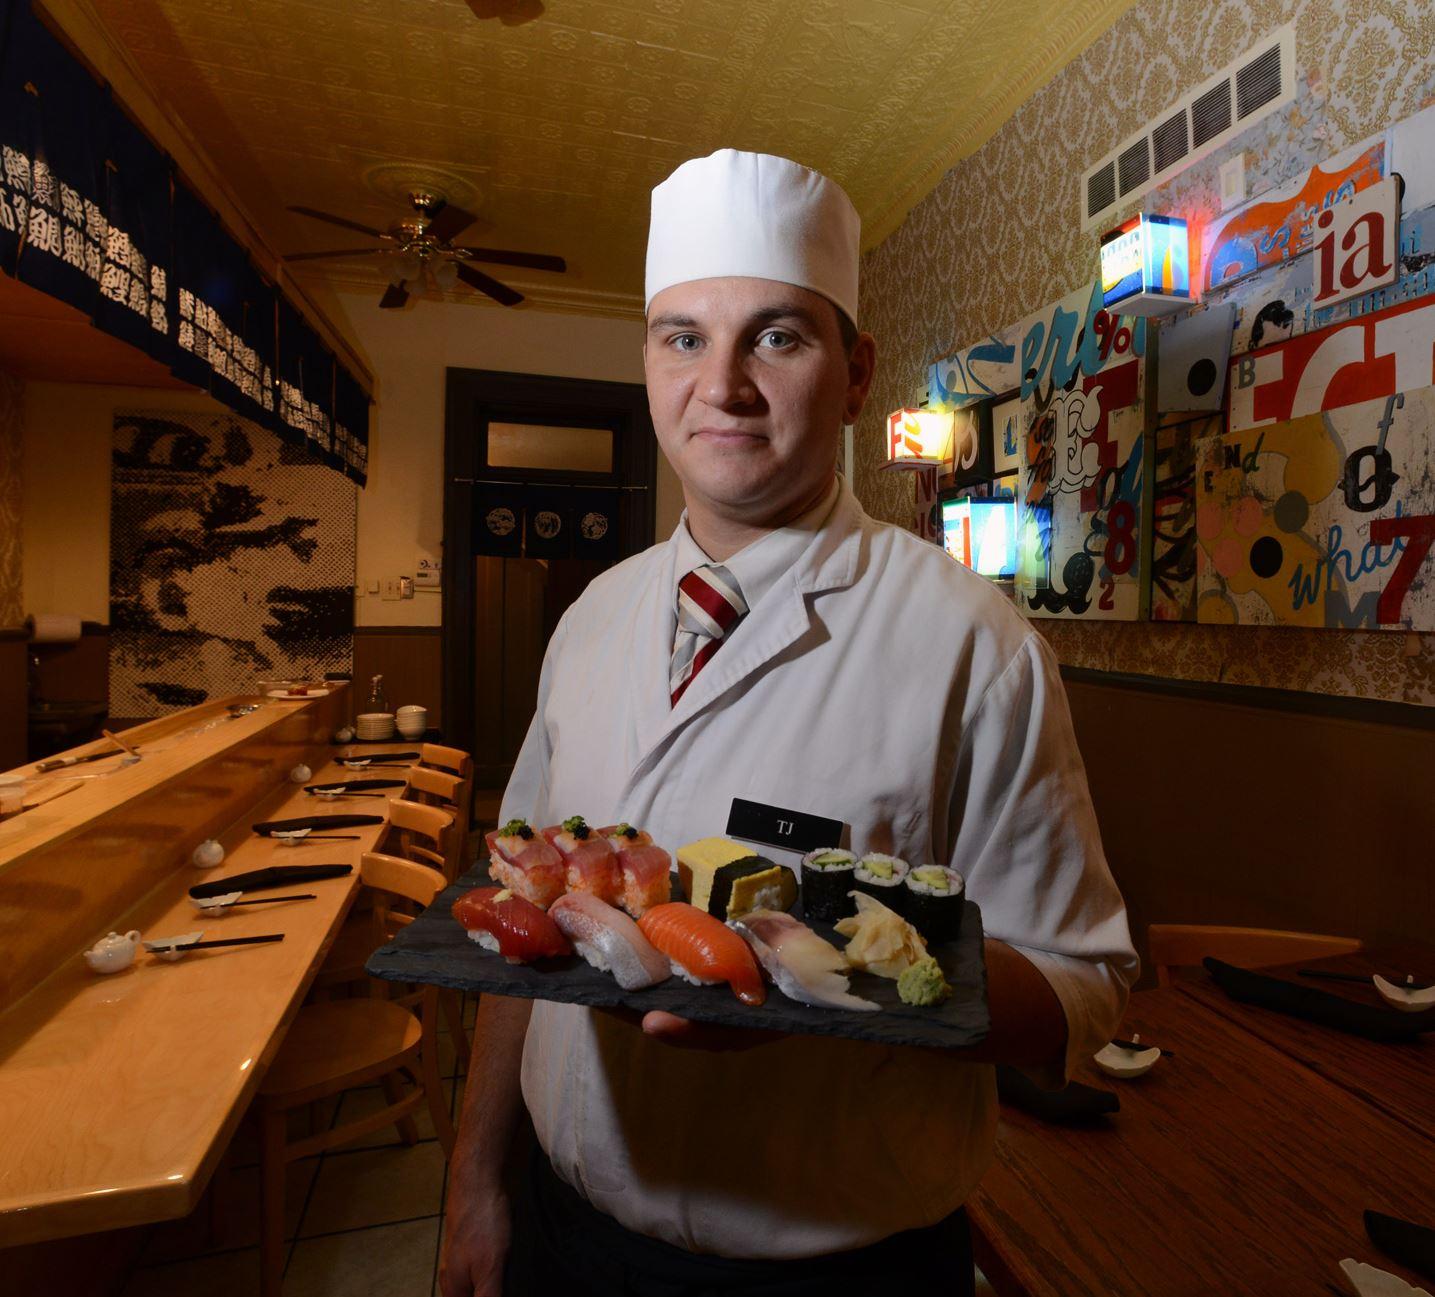 20131115bwFukudaMag03-2 Chef T.J. Barney at Fukuda in Bloomfield.